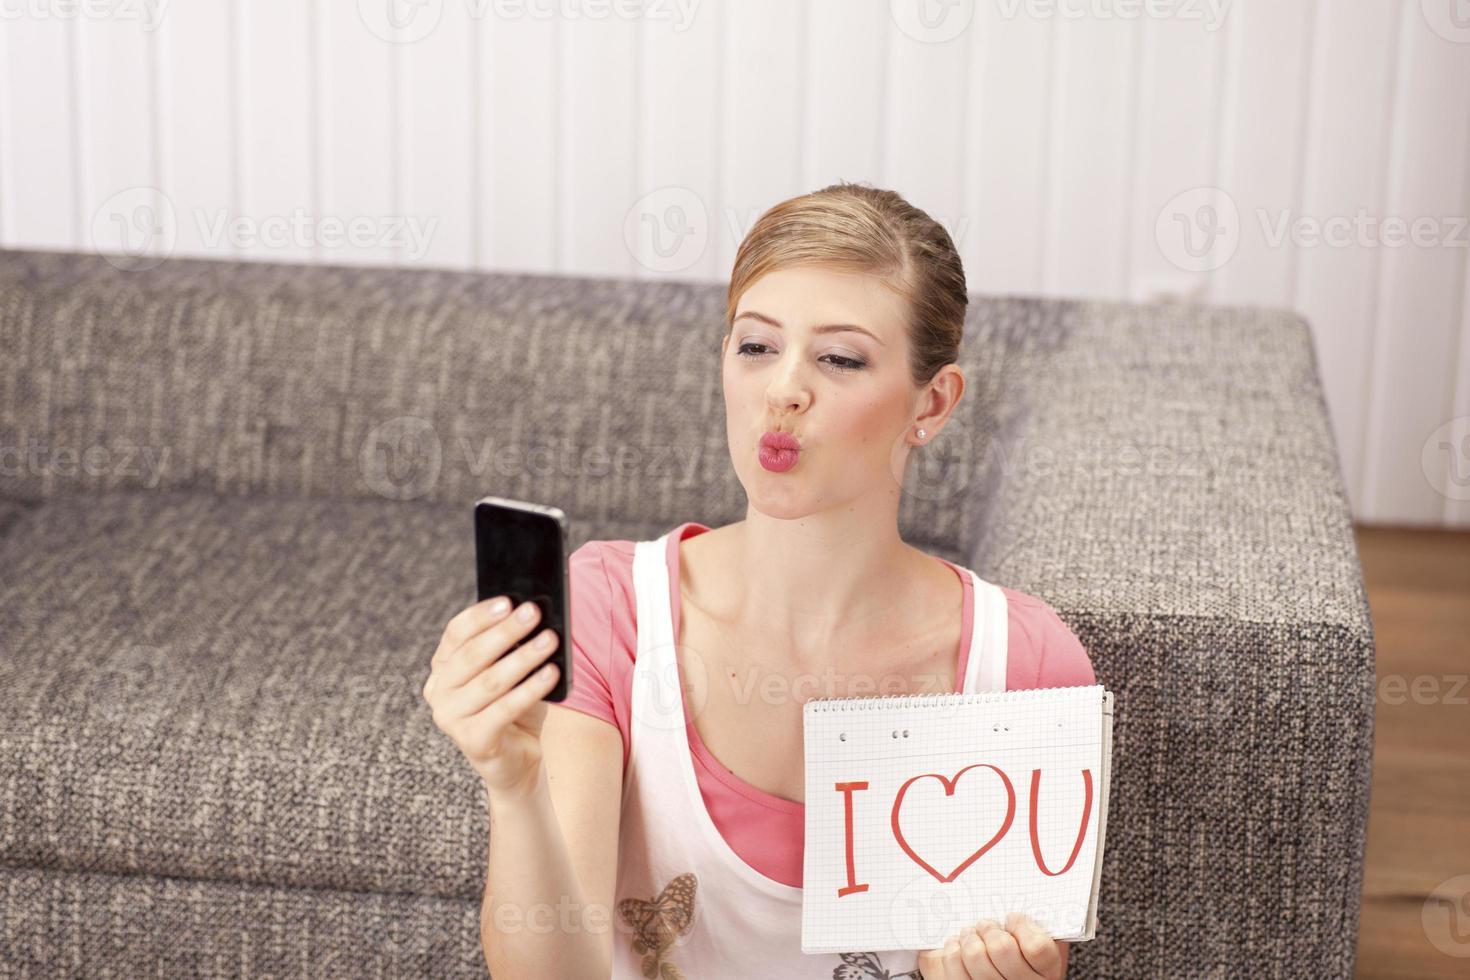 jovem fazendo selfie, eu te amo no bloco de notas foto